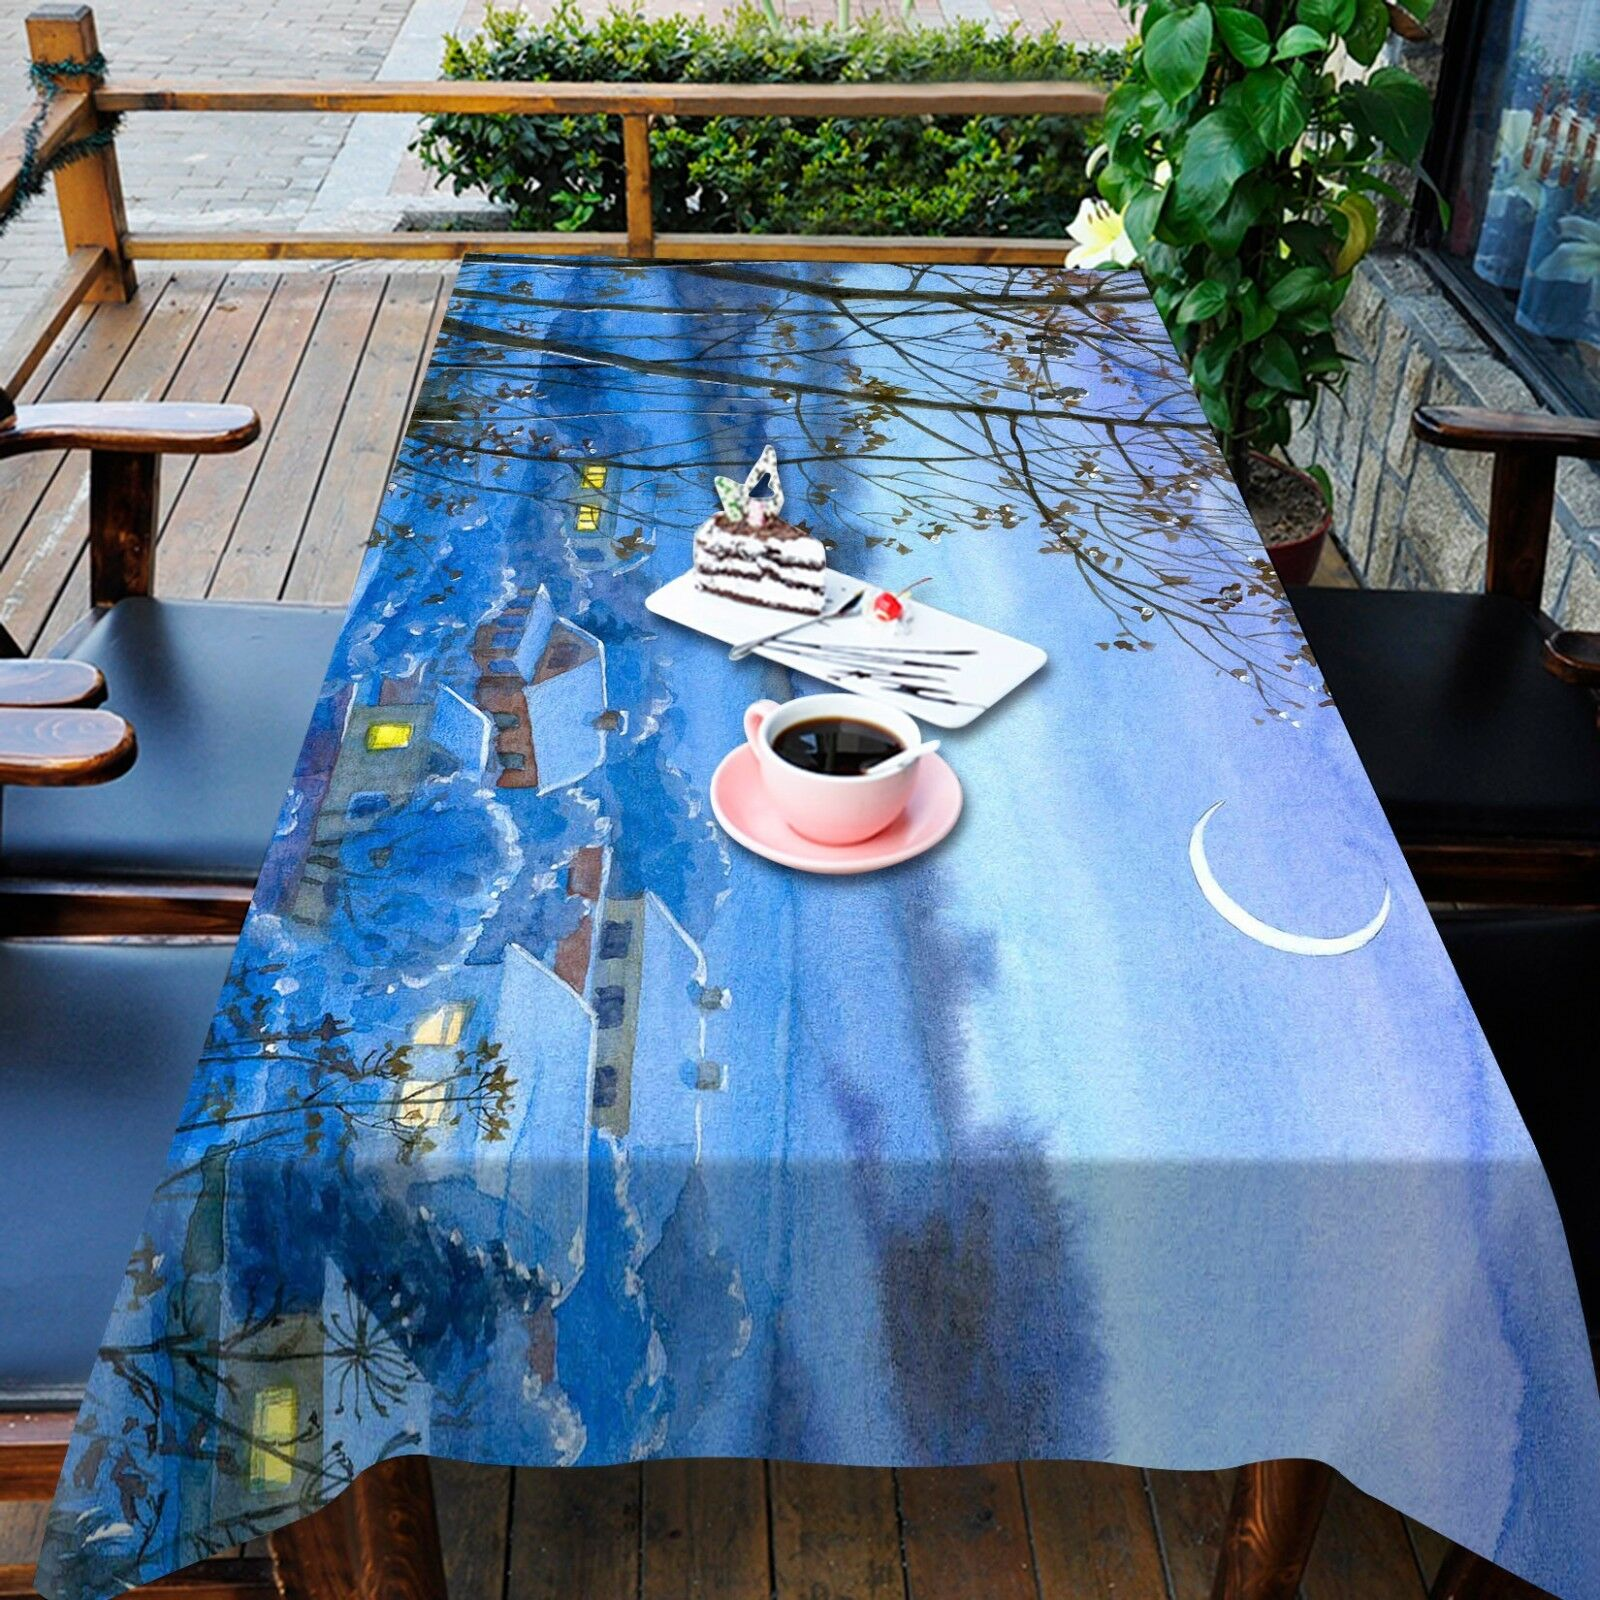 3D Lune Nuit Nappe Table Cover Cloth fête d'anniversaire AJ papier peint Royaume-Uni Citron